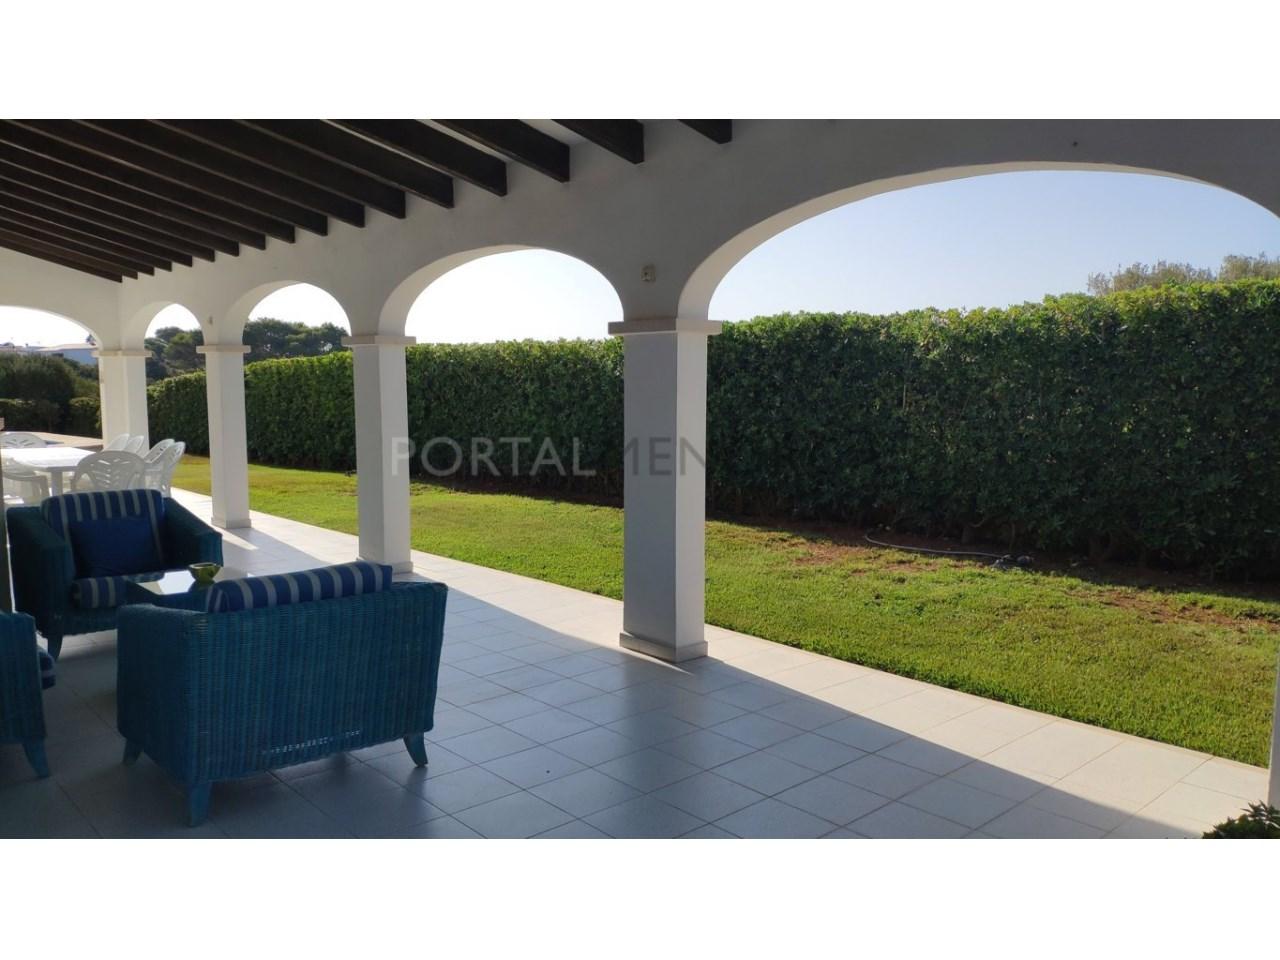 Chalet en venta en Calan Blanes con licencia turística Ciutadella Menorca - terraza lateral